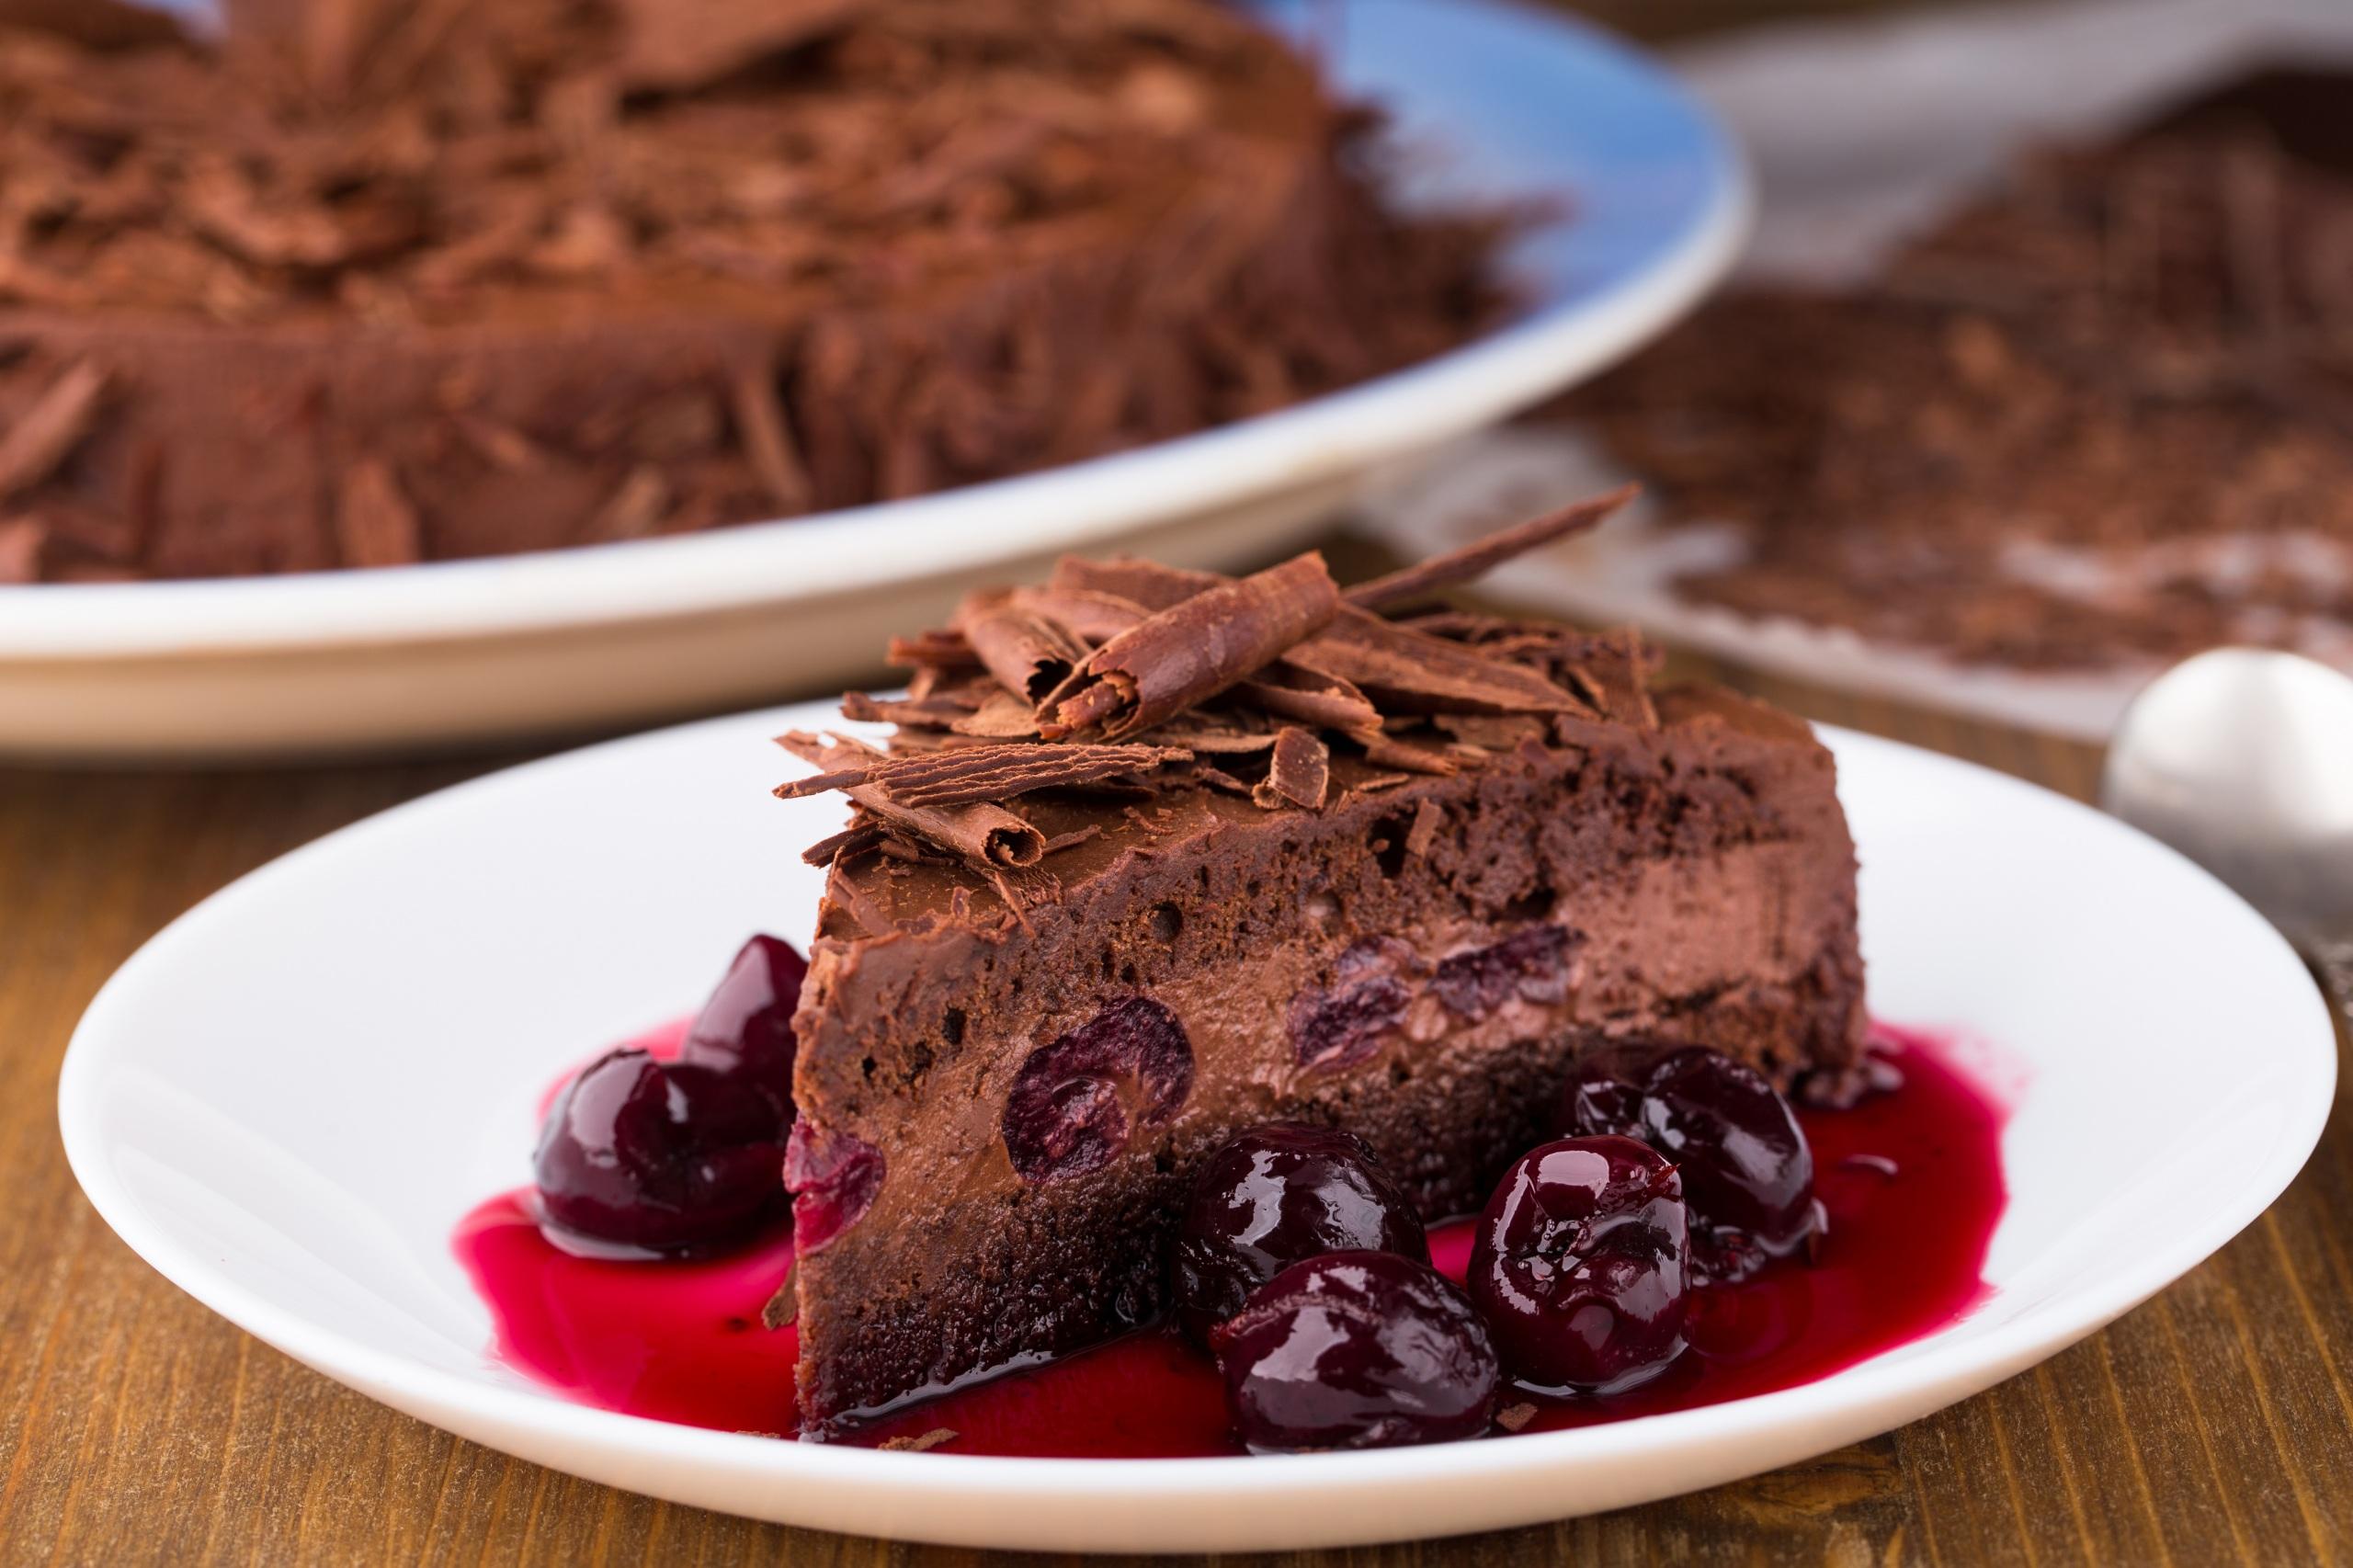 Картинки Шоколад Торты Кусок Вишня Пища 2560x1706 часть кусочки кусочек Черешня Еда Продукты питания